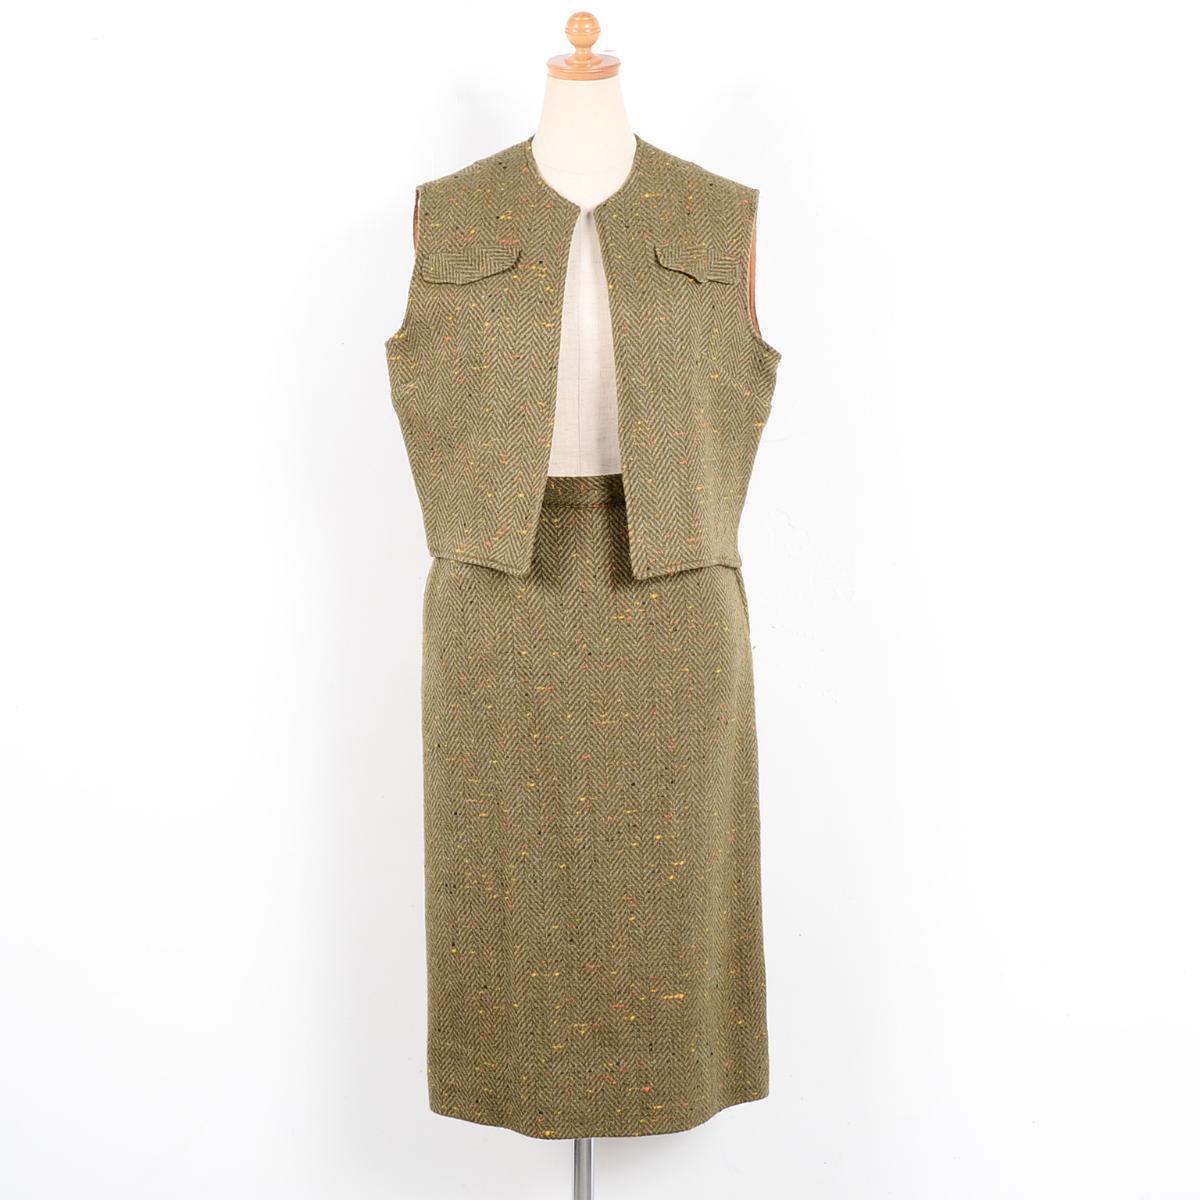 60年代 Andrea Lawrence Fashioned by Claret ウールベスト レディースS ヴィンテージ /wet8511 【中古】 【180616】